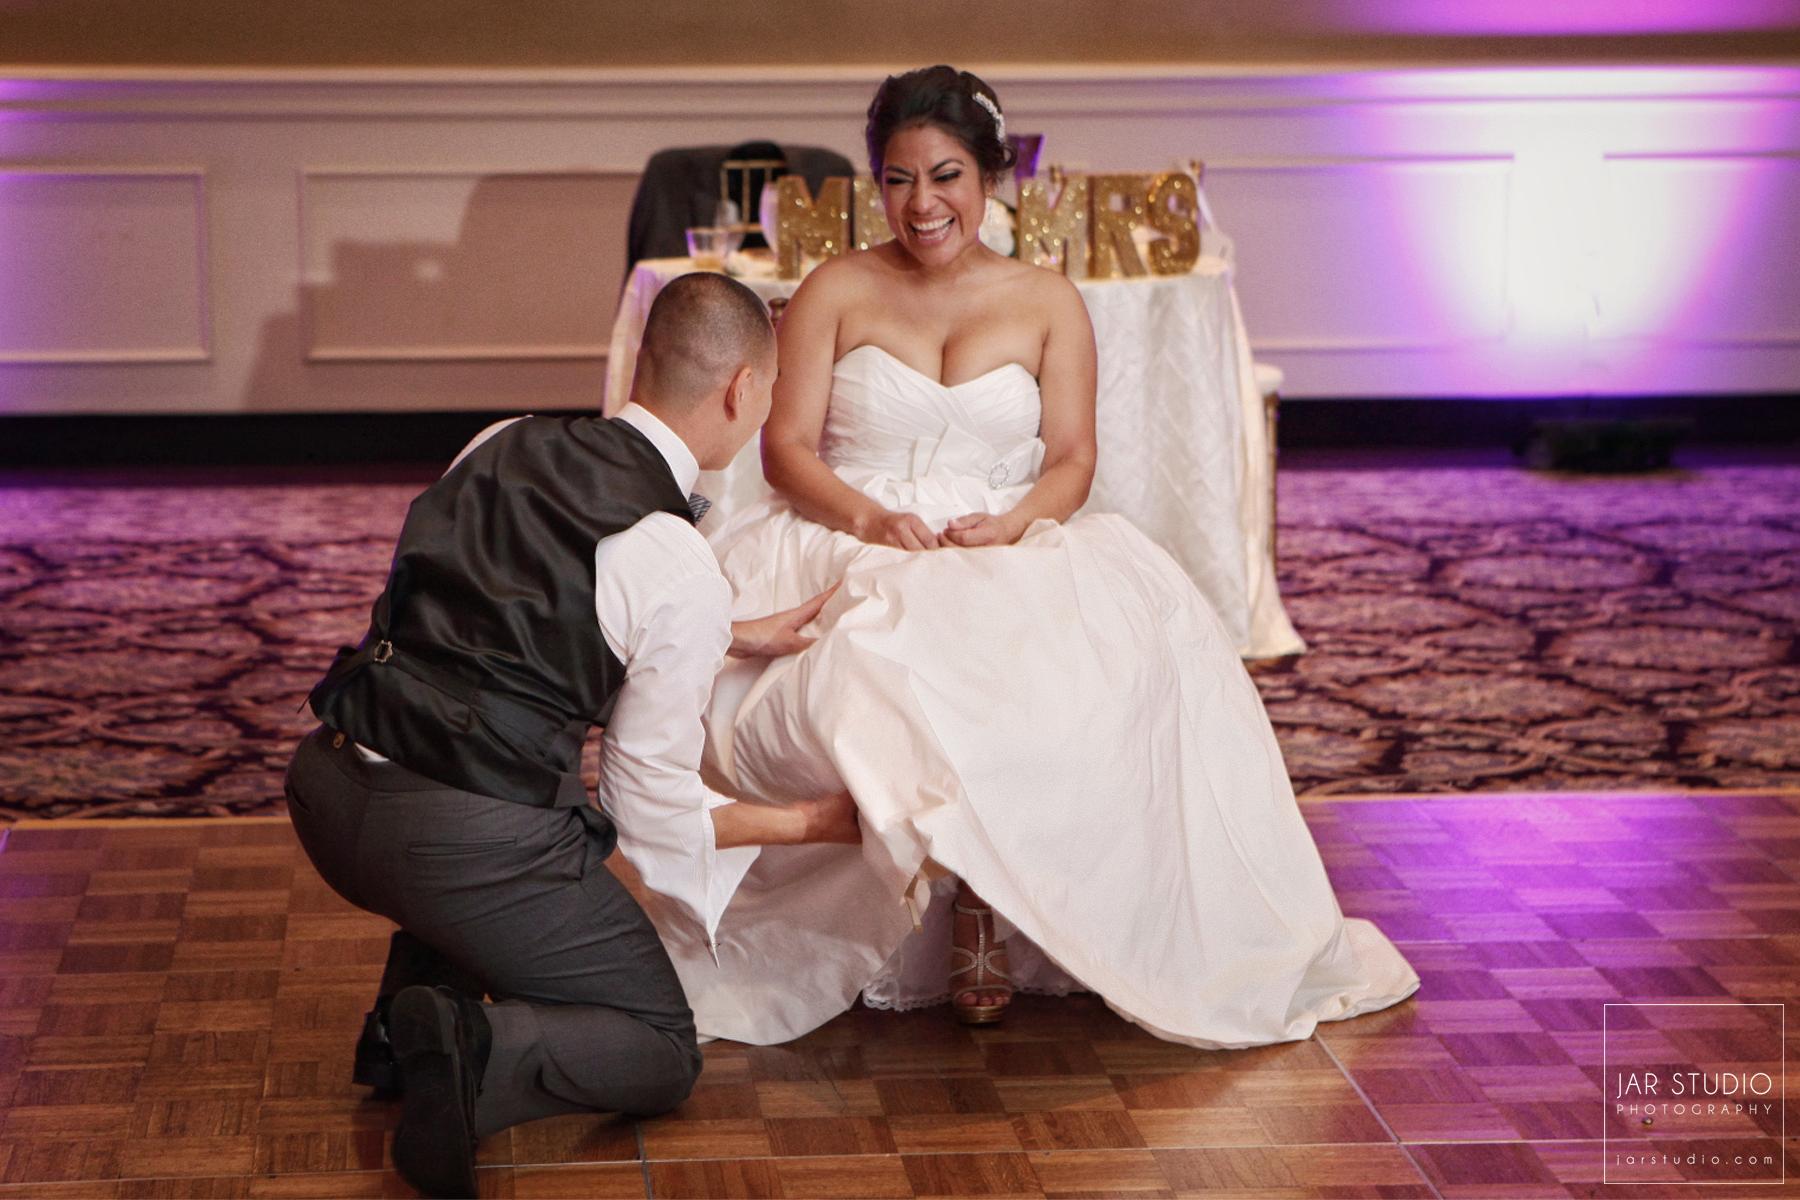 26-fun-garter-moment-orlando-wedding-reception-photography.JPG